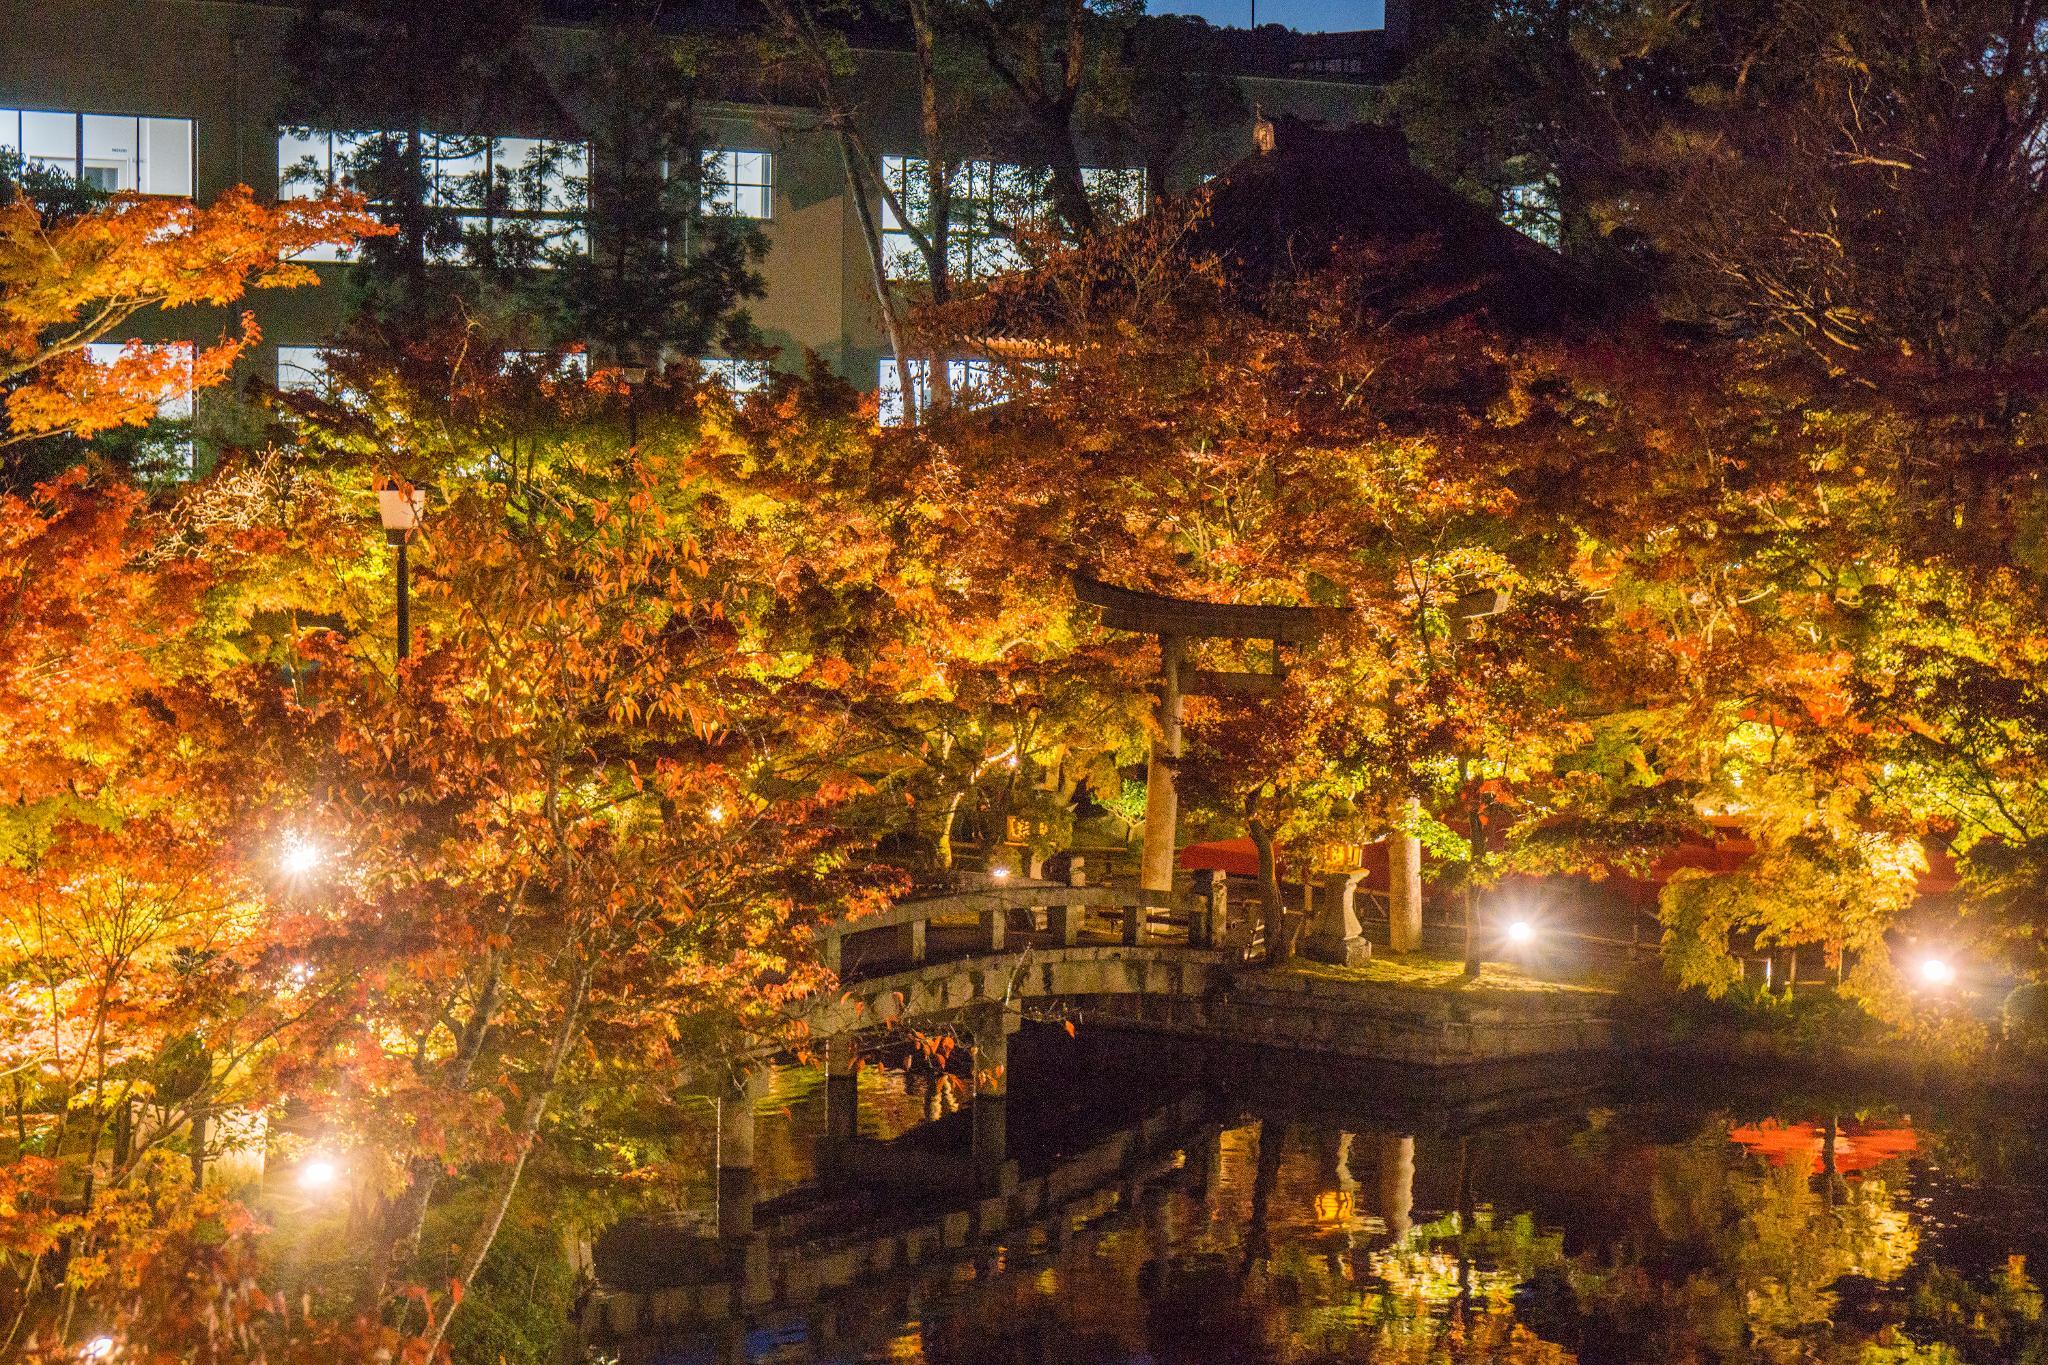 【京都】此生必來的紅葉狩絕景 - 永觀堂夜楓 107